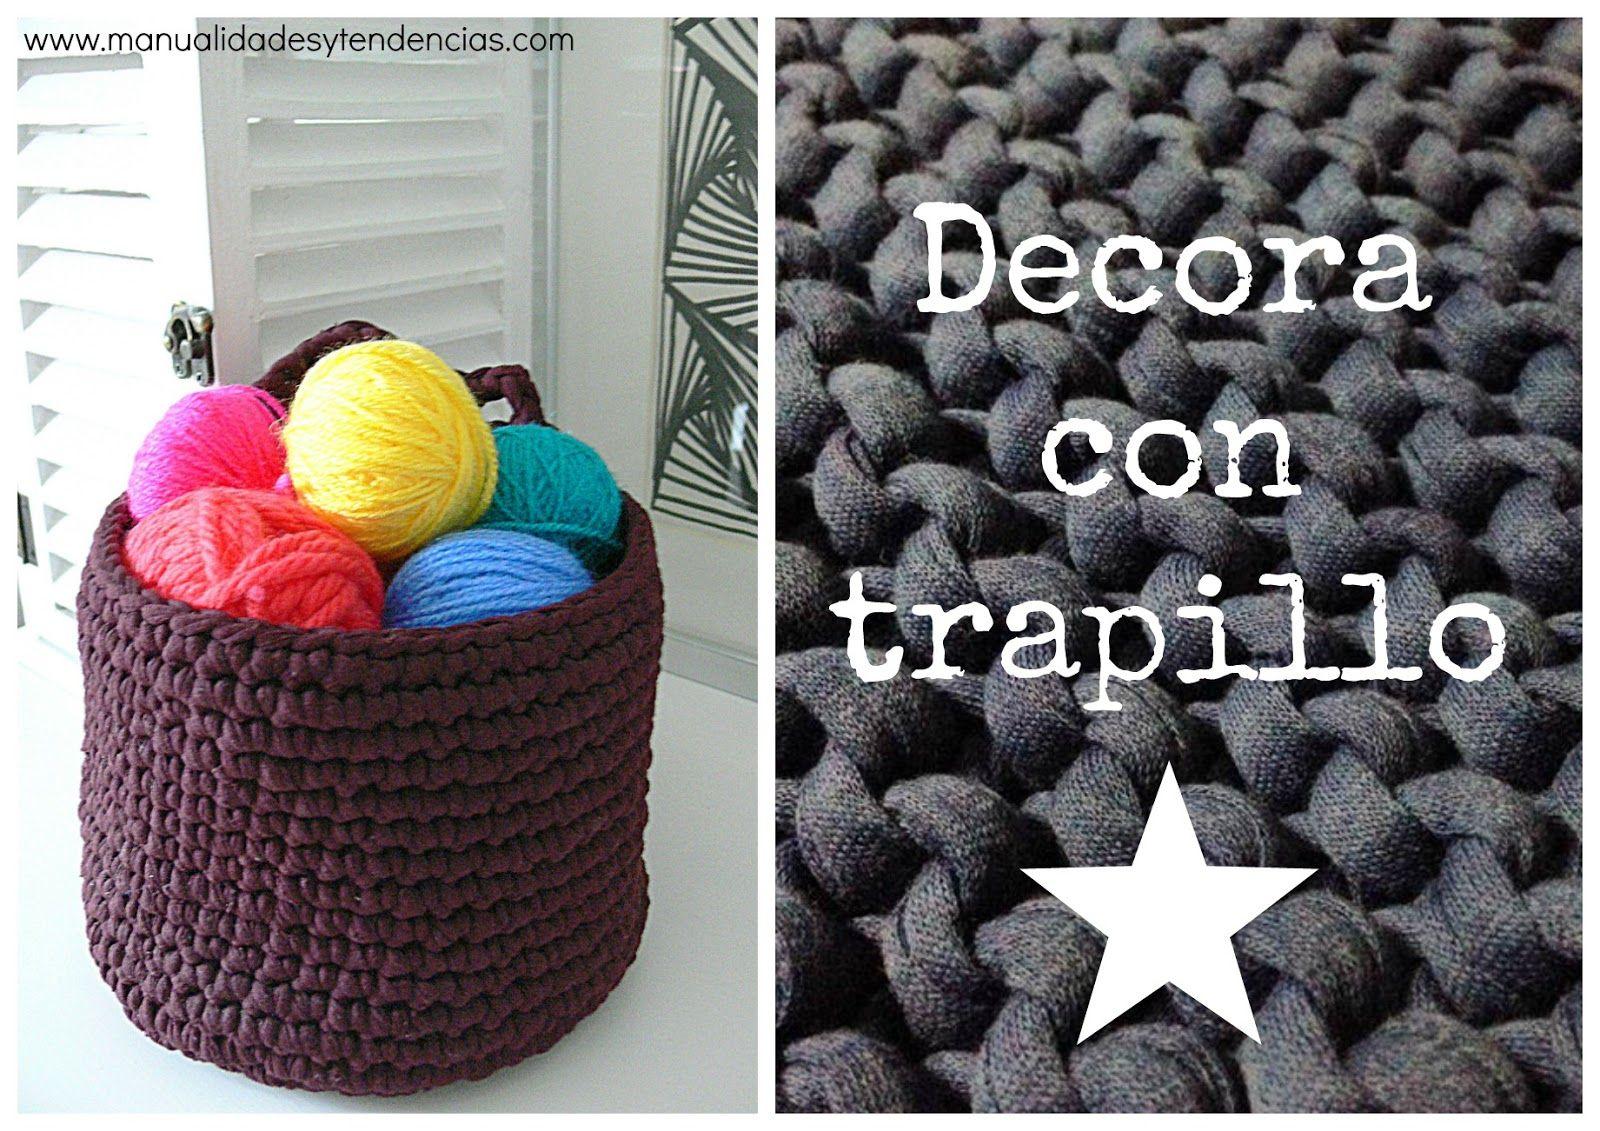 Crochet: cesta de trapillo con patrón gratis | Alfombra | Pinterest ...